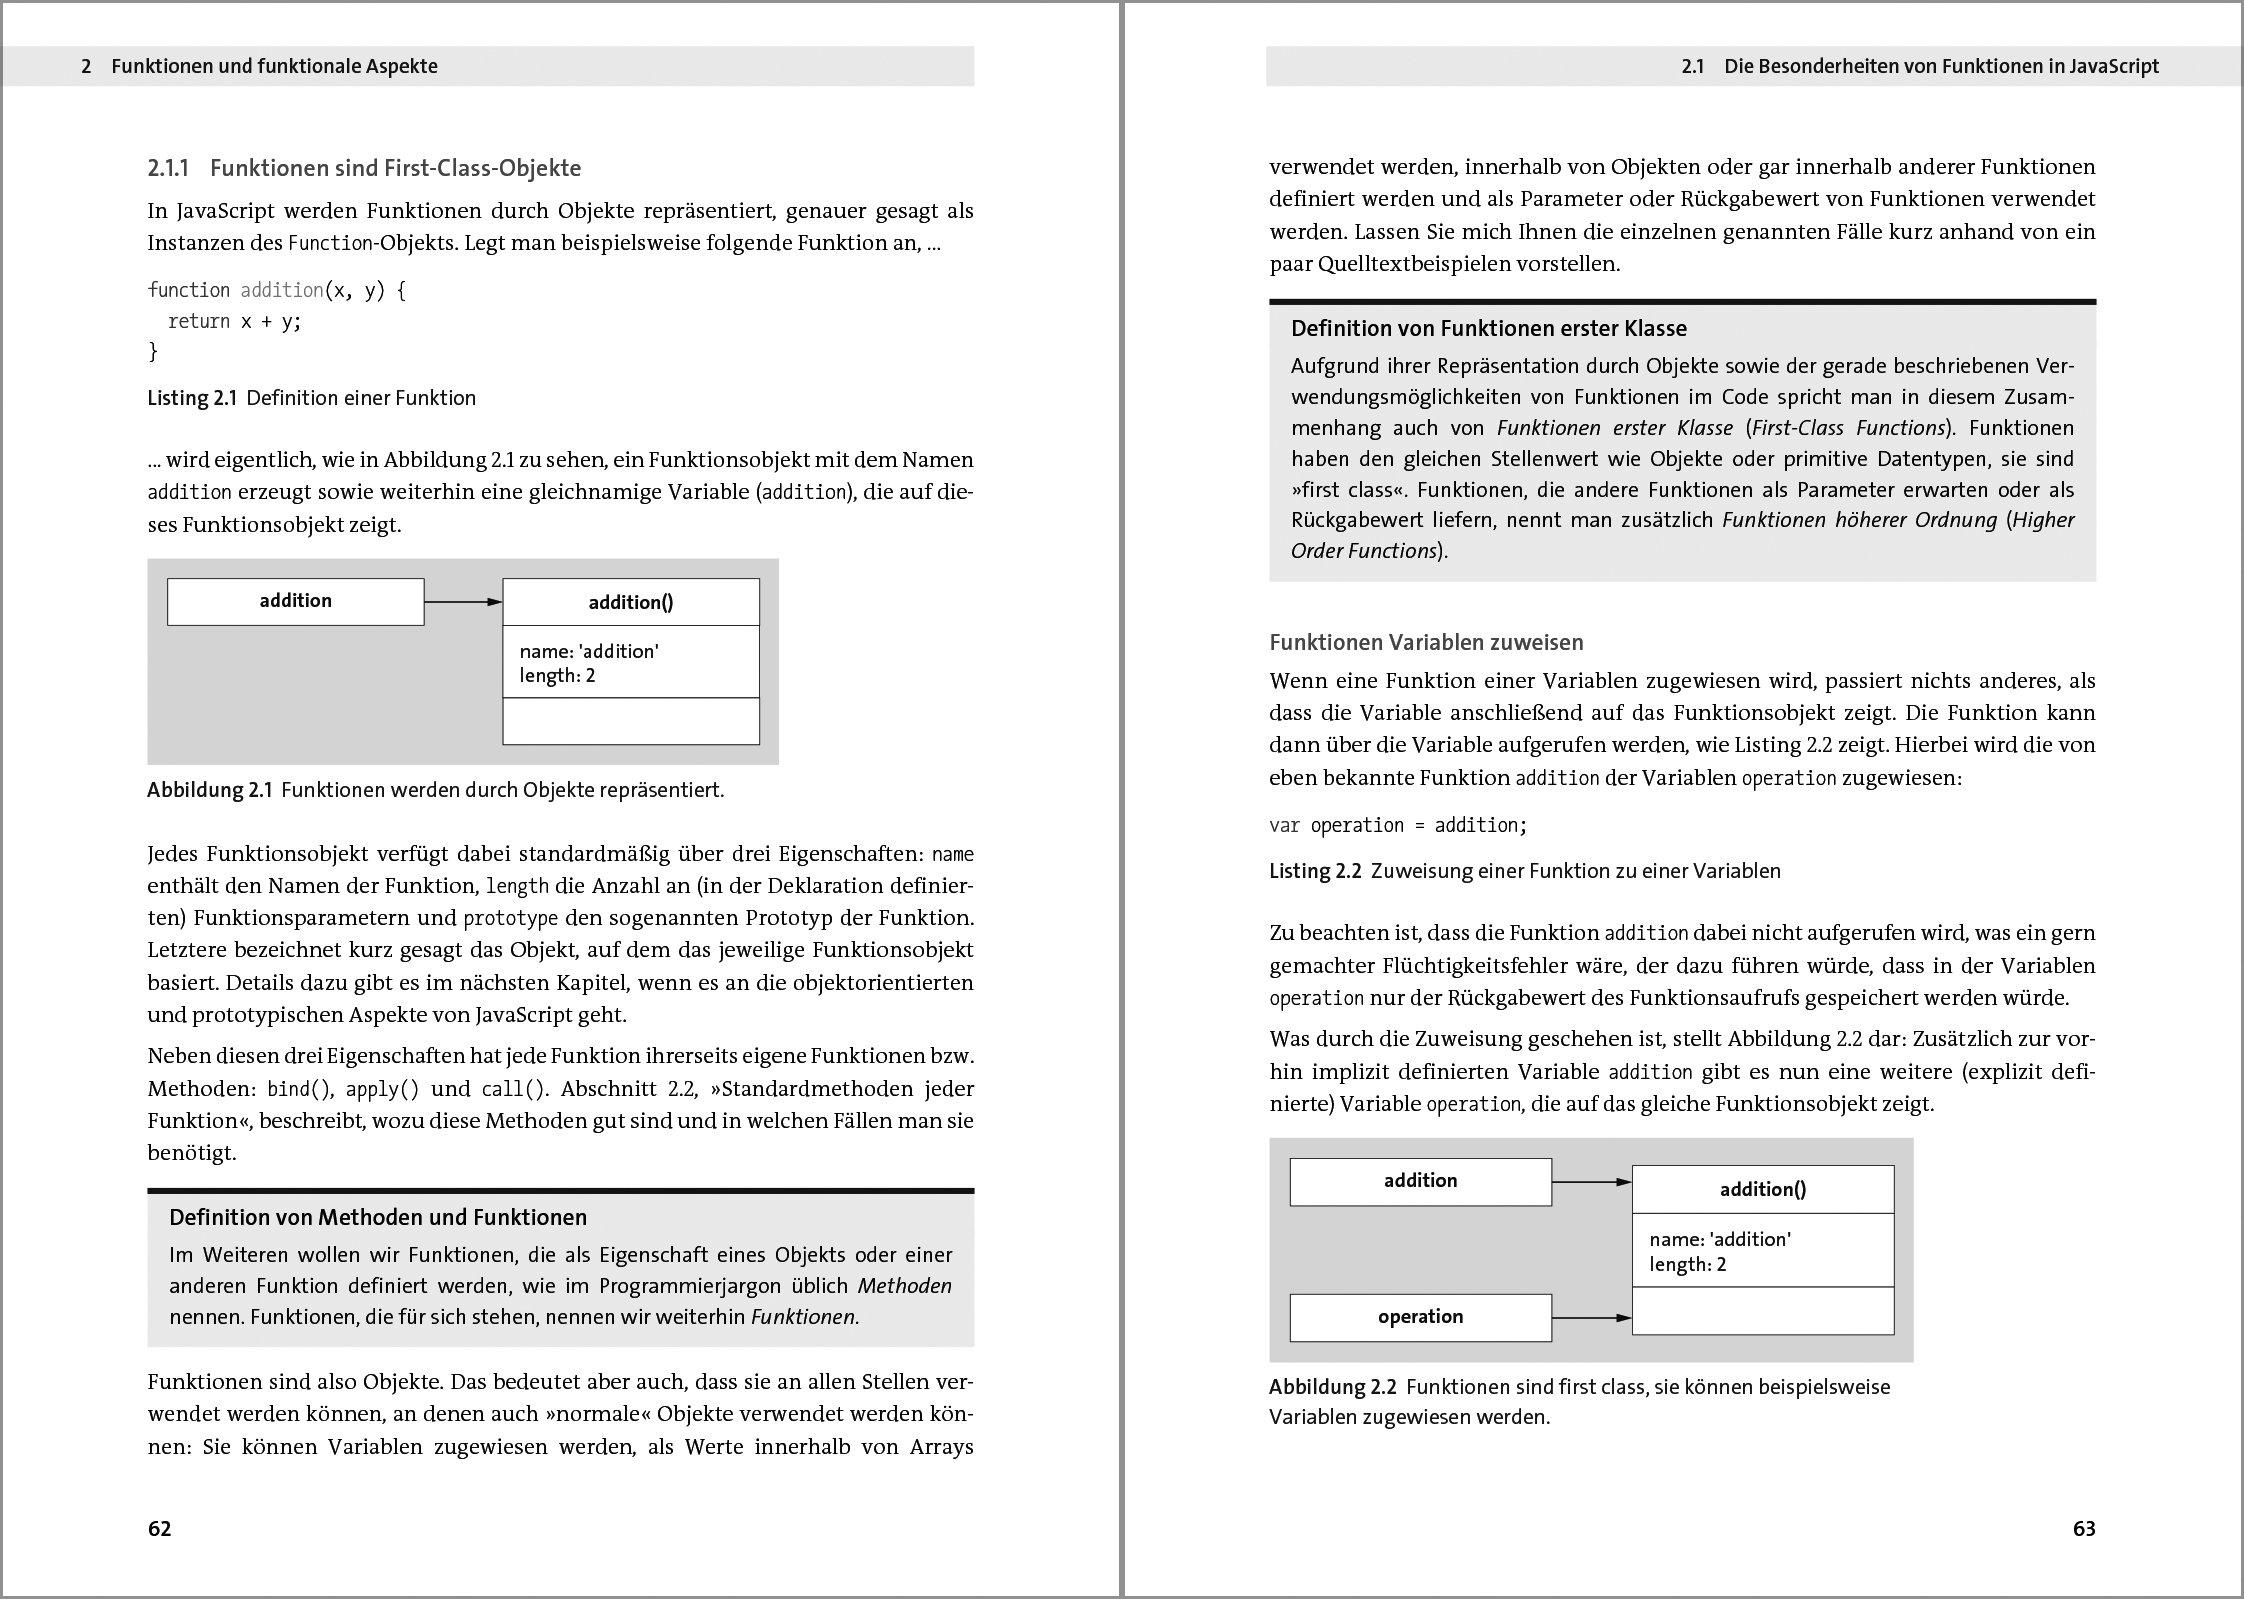 Schön Zusätzlich Wort Probleme Einer Tabelle Für Klasse 1 Bilder ...